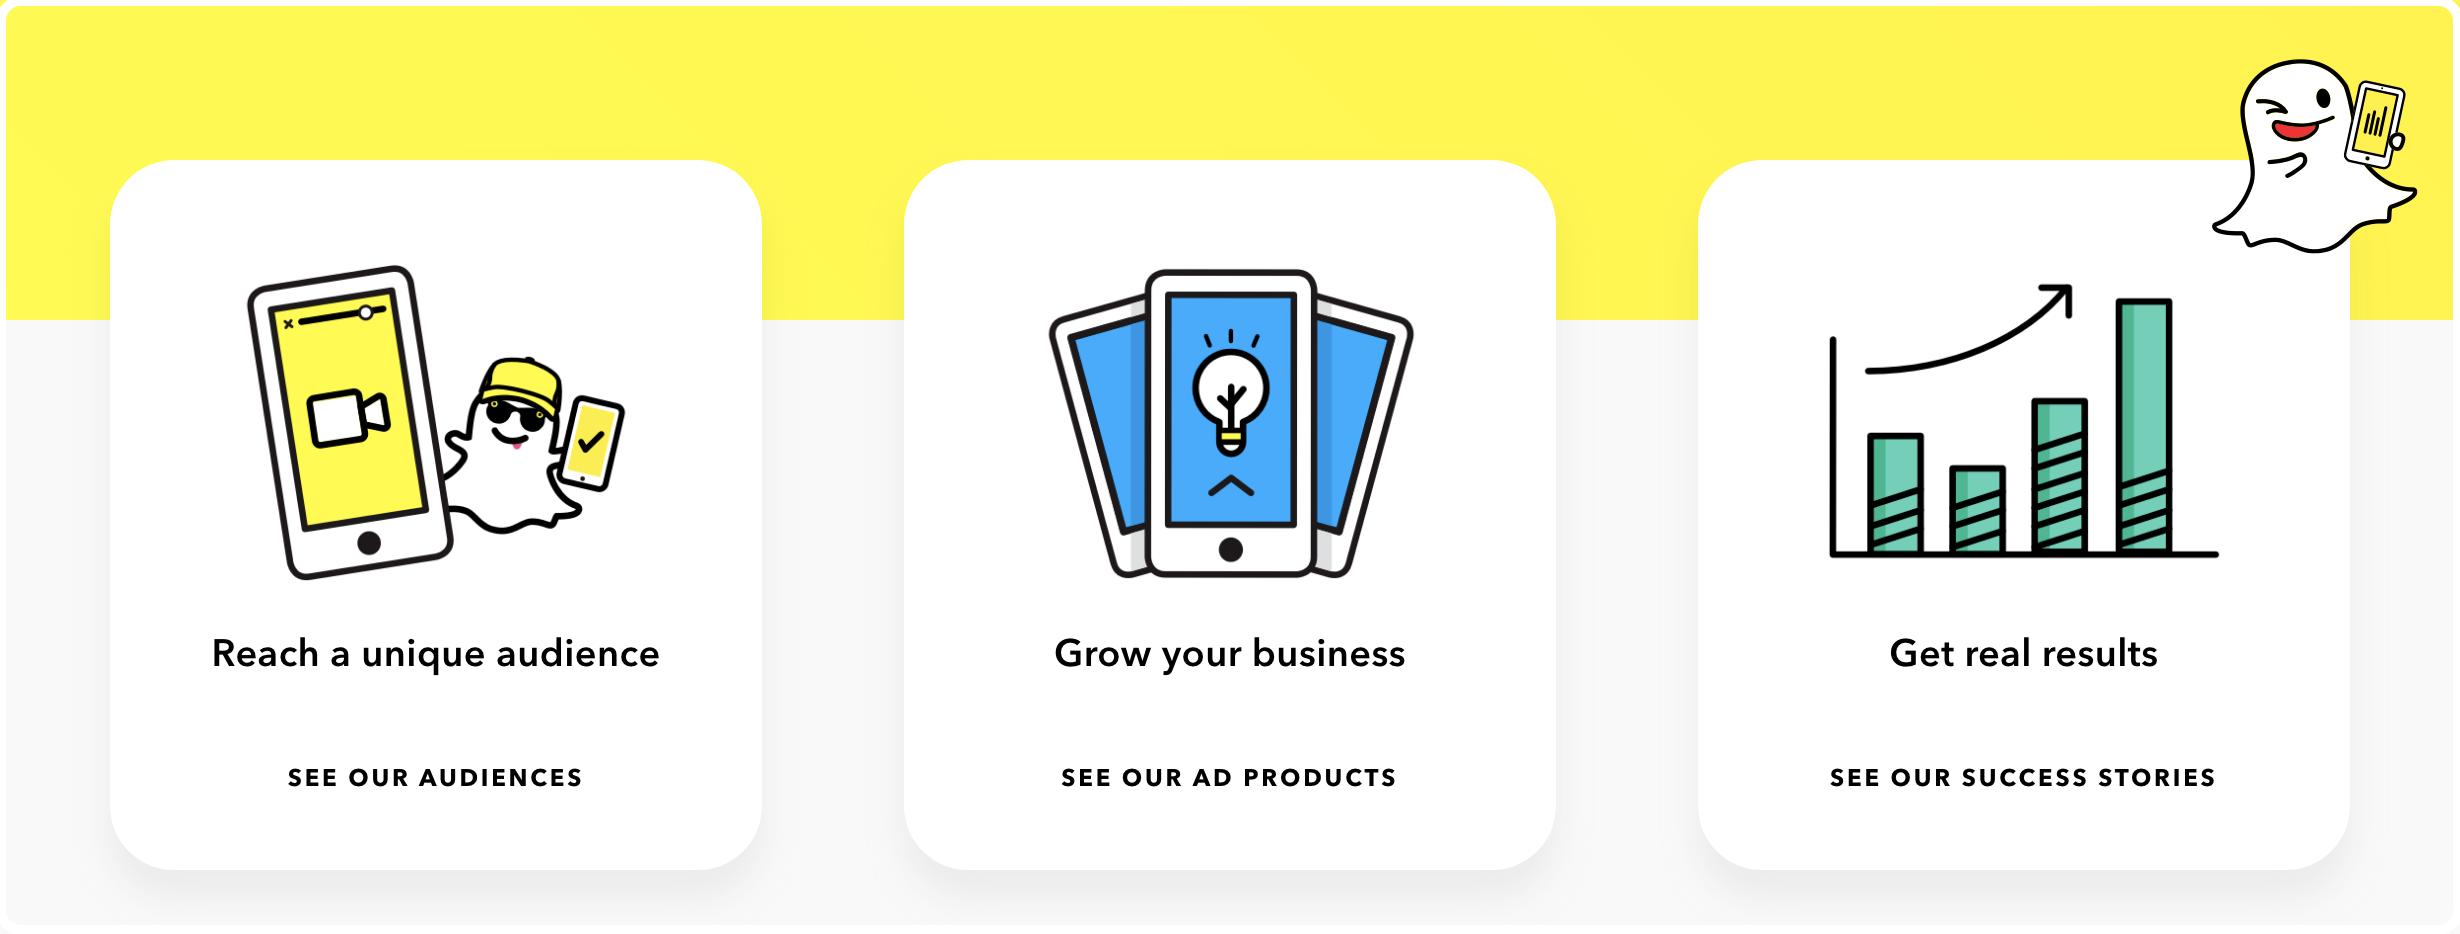 snapchat-advertising-agency